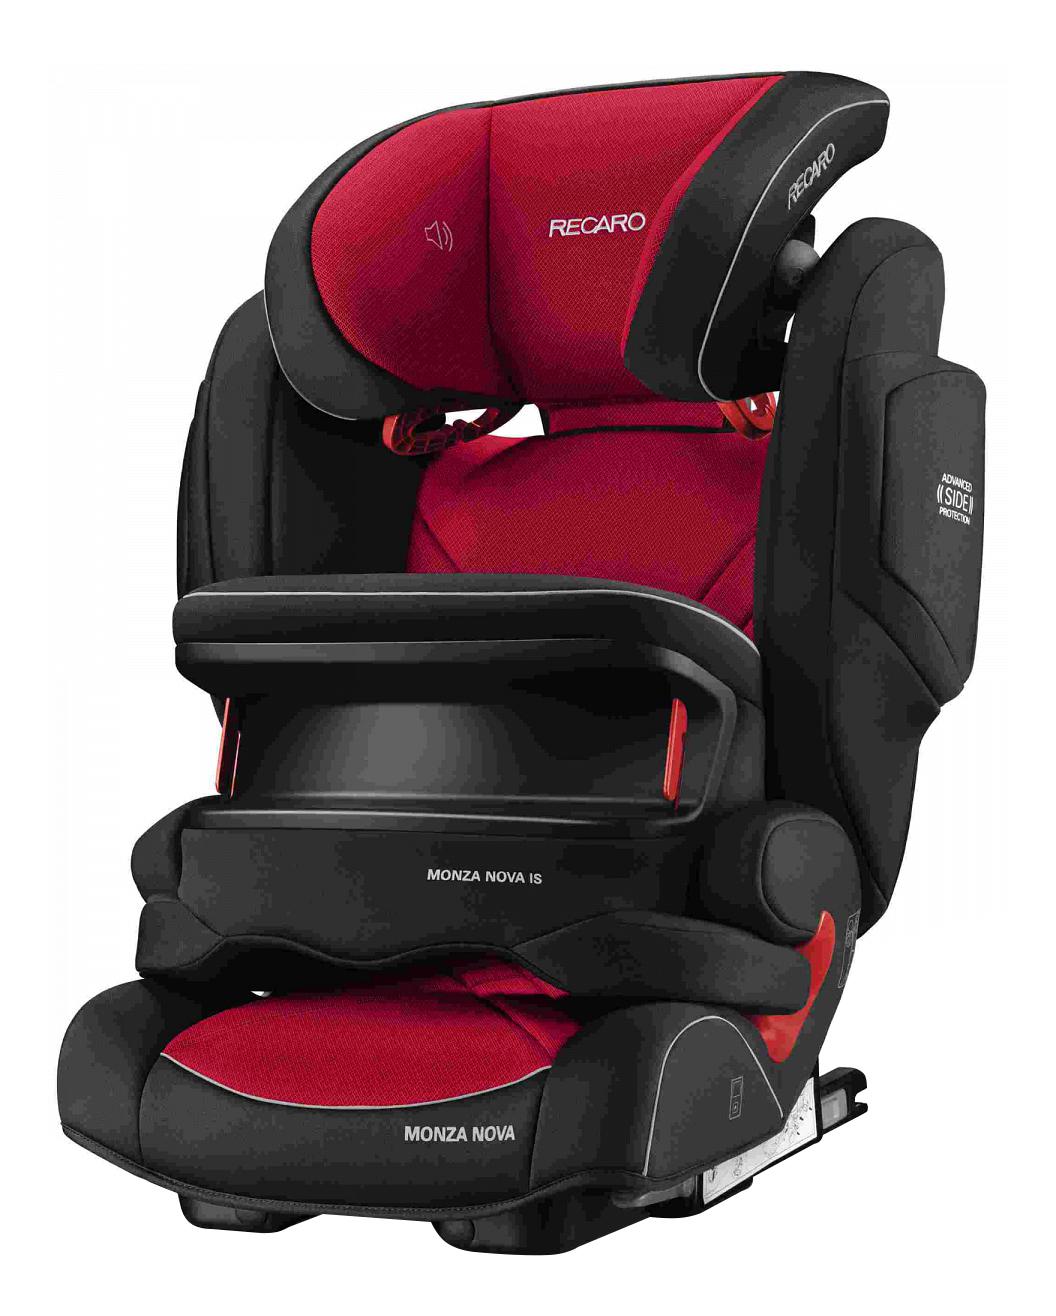 Купить Автокресло RECARO Monza Nova IS Seatfix Racing группа 1/2/3, Черный-Красный, Детские автокресла